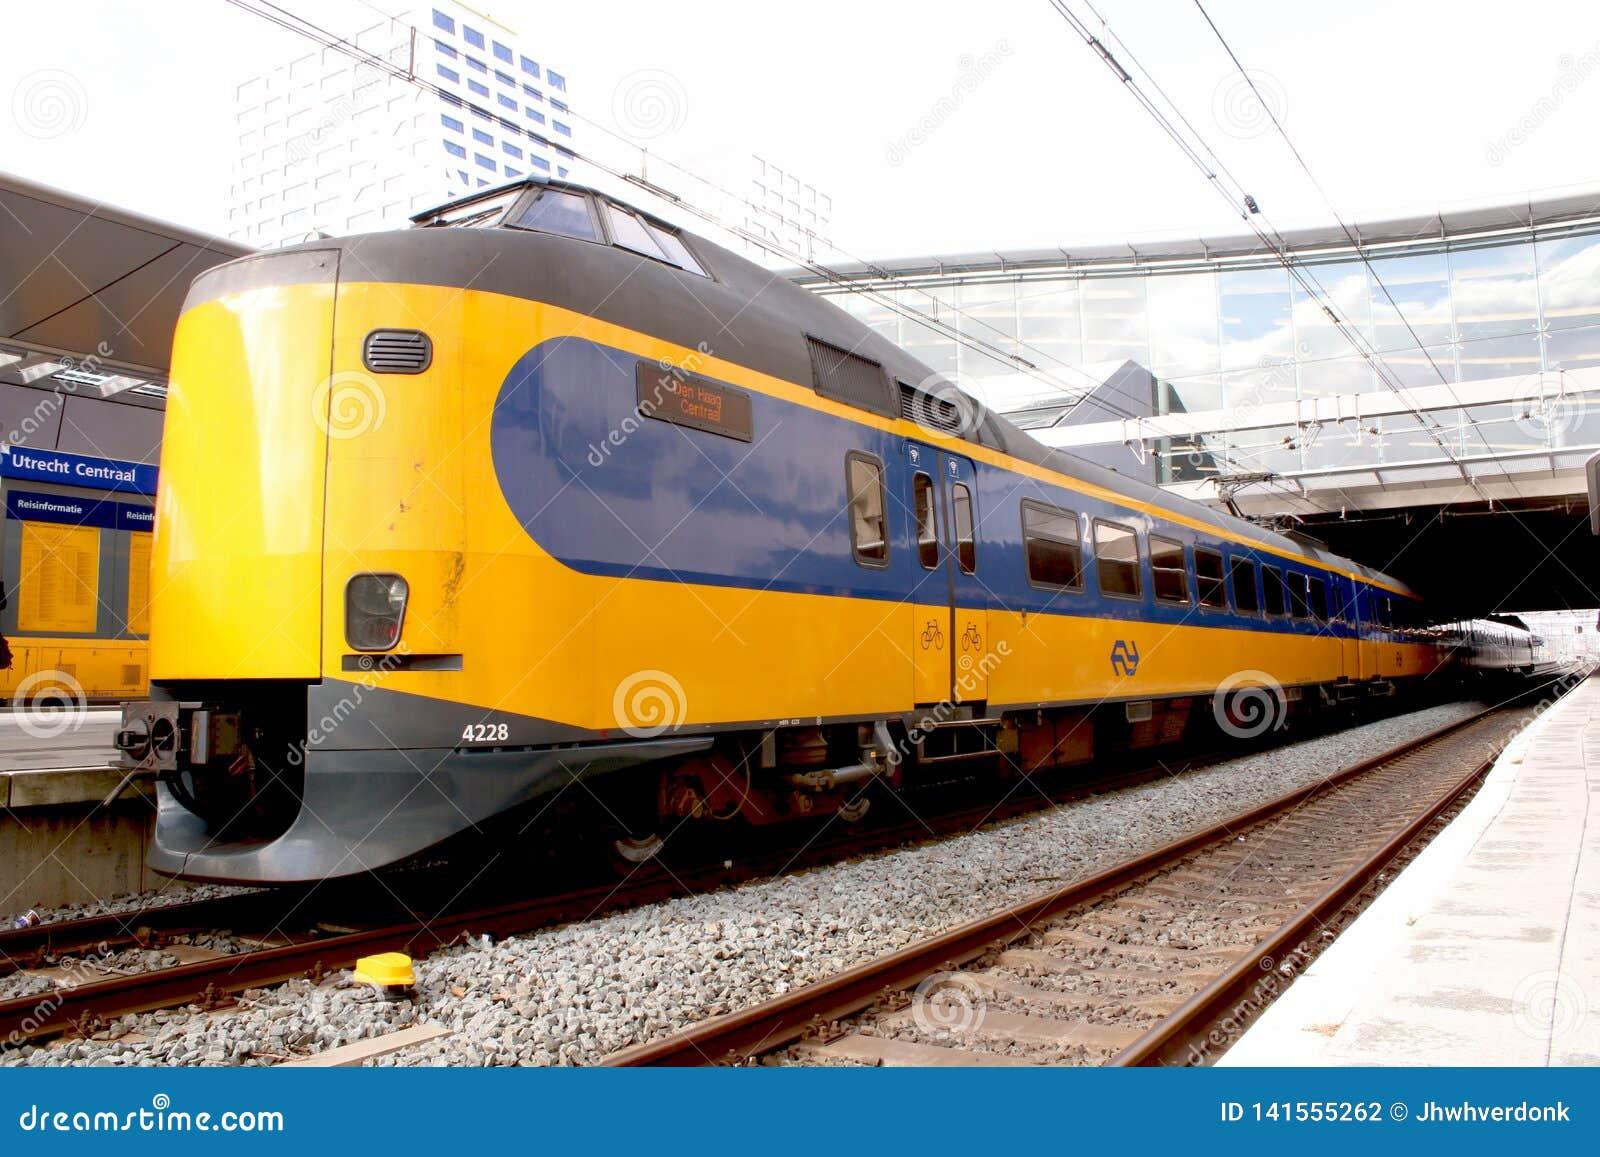 Utrecht, Нидерланд, 8-ое марта 2019: желтый поезд, междугороднее готовое уйти от NS или spoorwegen nederlandse